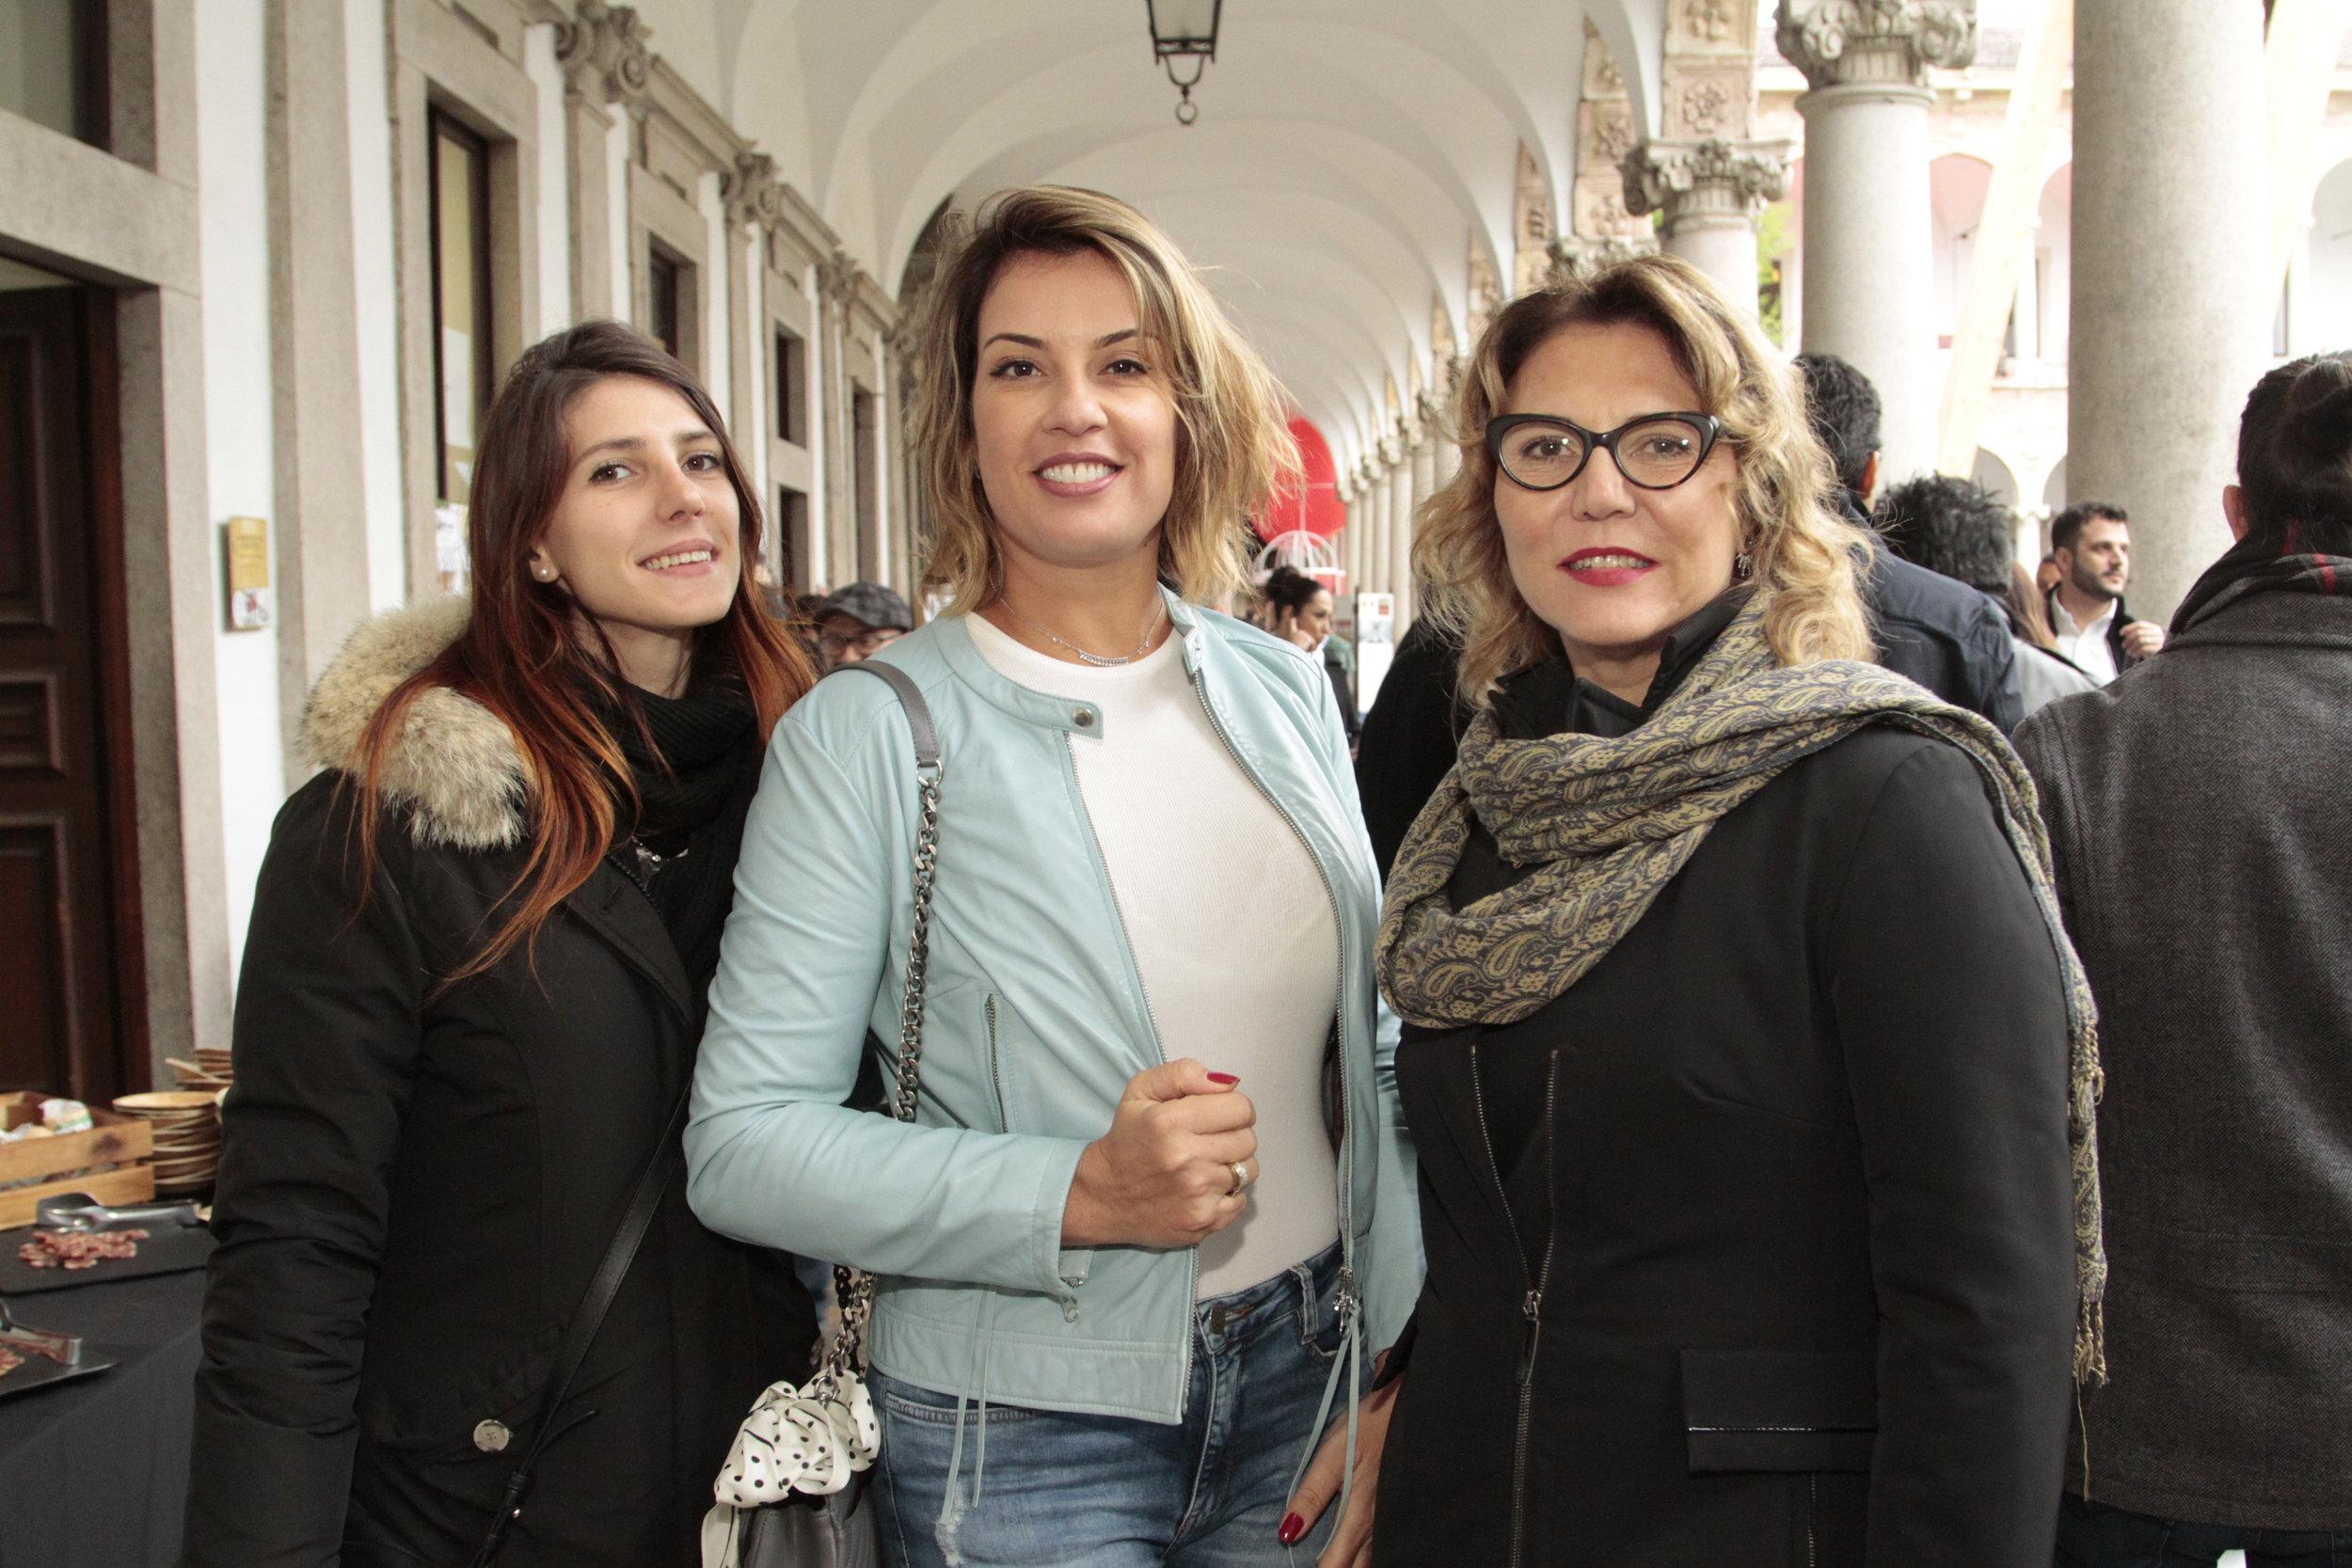 Beatrice Bosco, Renata Malenza e Paola Malenza